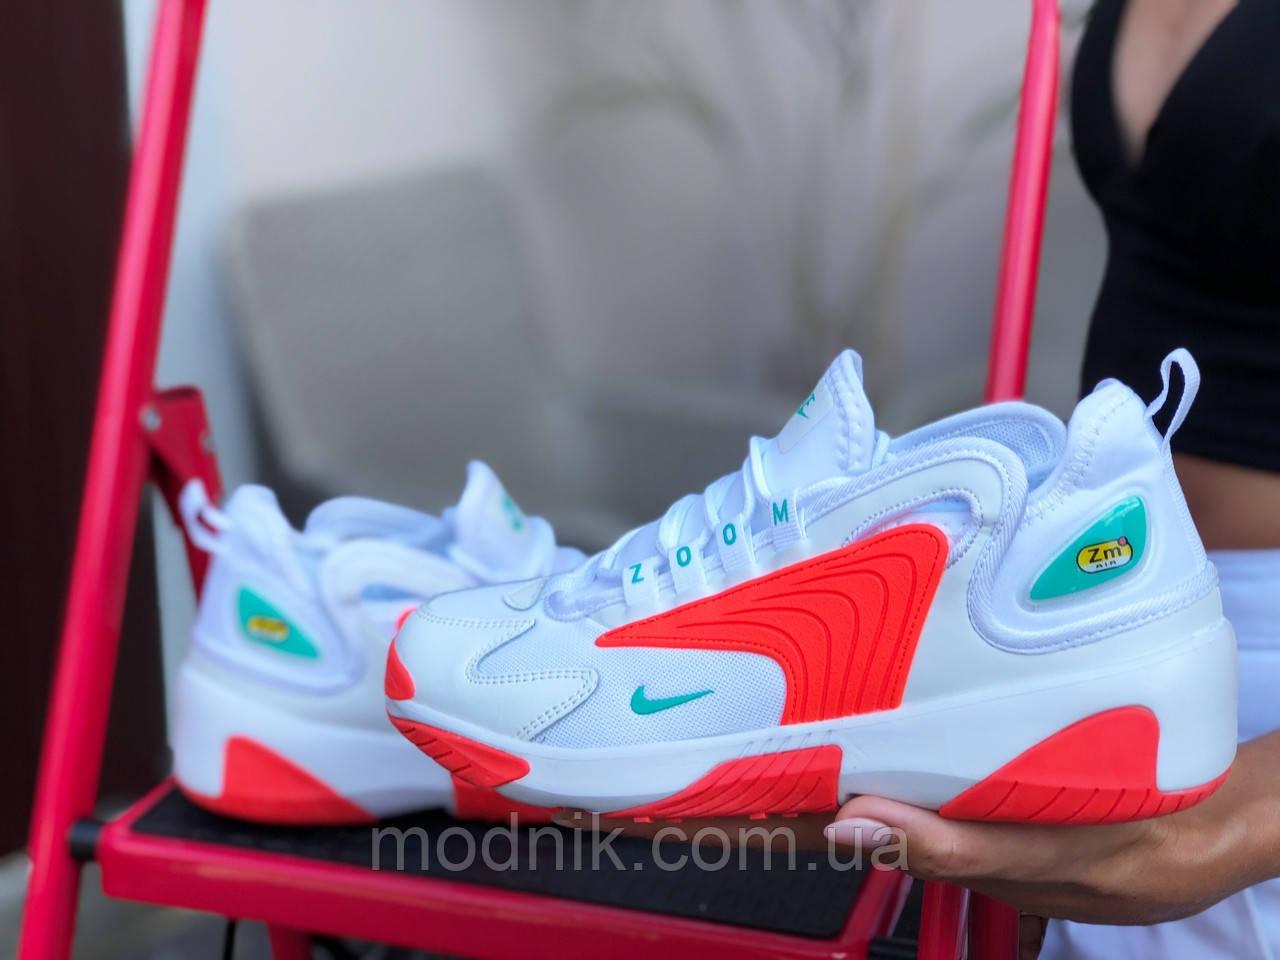 Женские кроссовки Nike Zoom 2K (бело-оранжевые) 9725